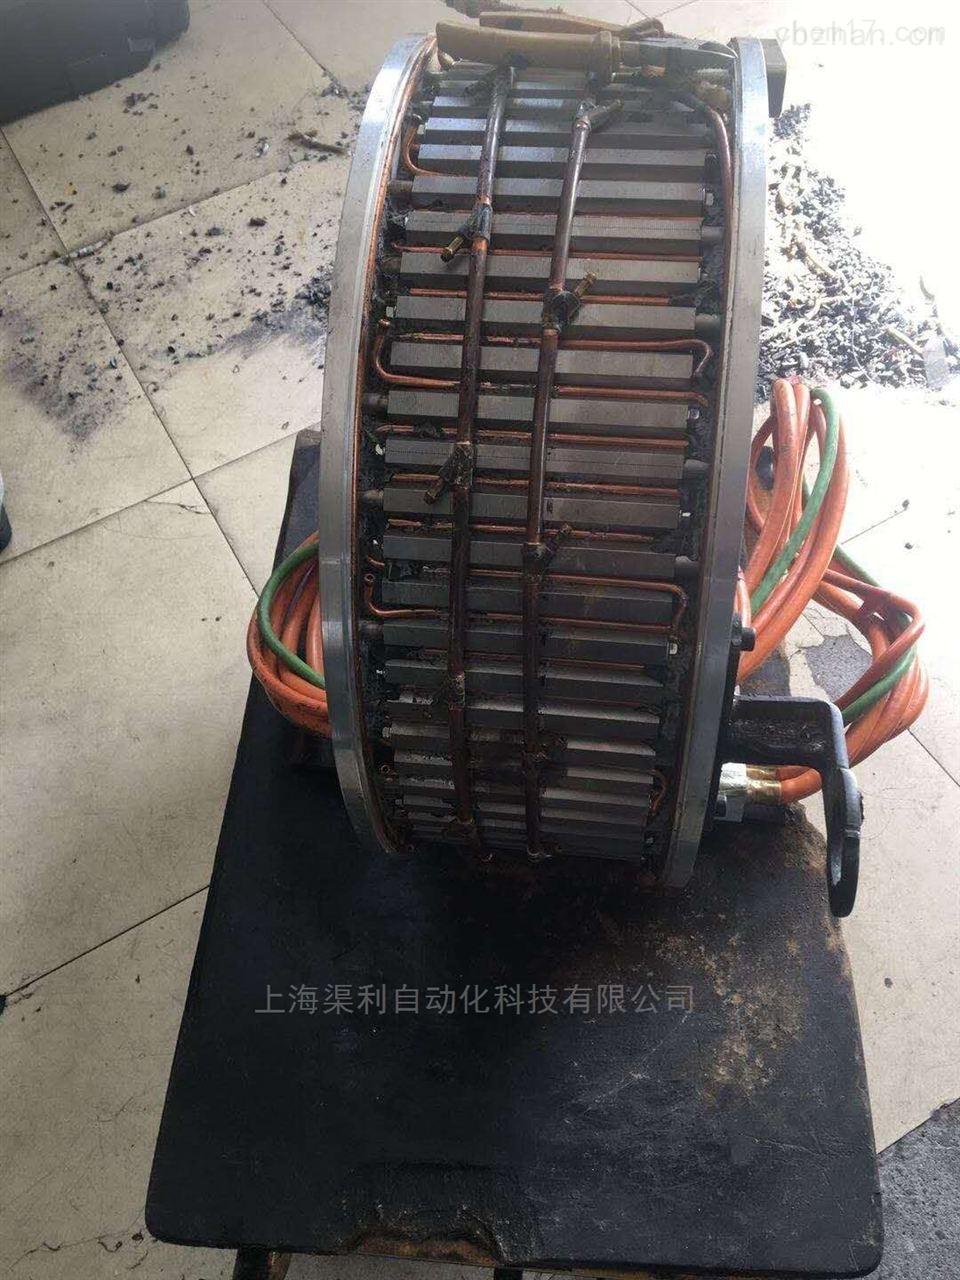 苏州西门子810D系统钻床伺服电机维修公司-当天检测提供维修